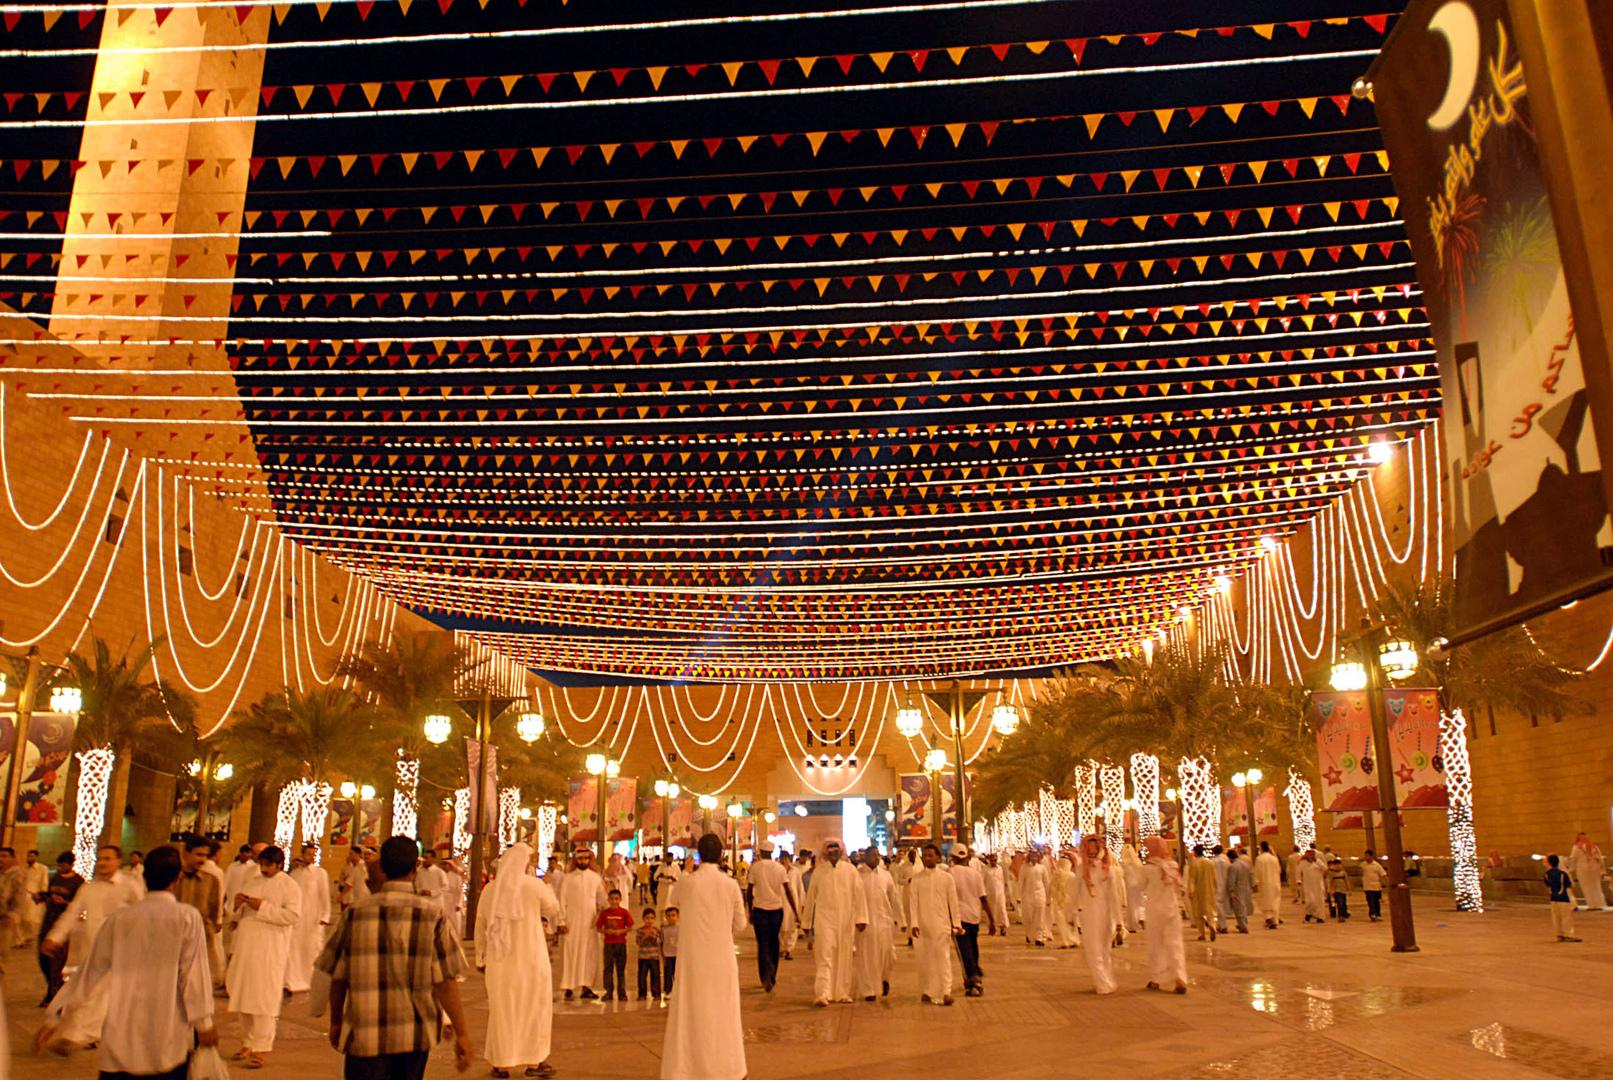 سعوديون يحتفلون بآخر أيام عيد الفطر في الرياض.